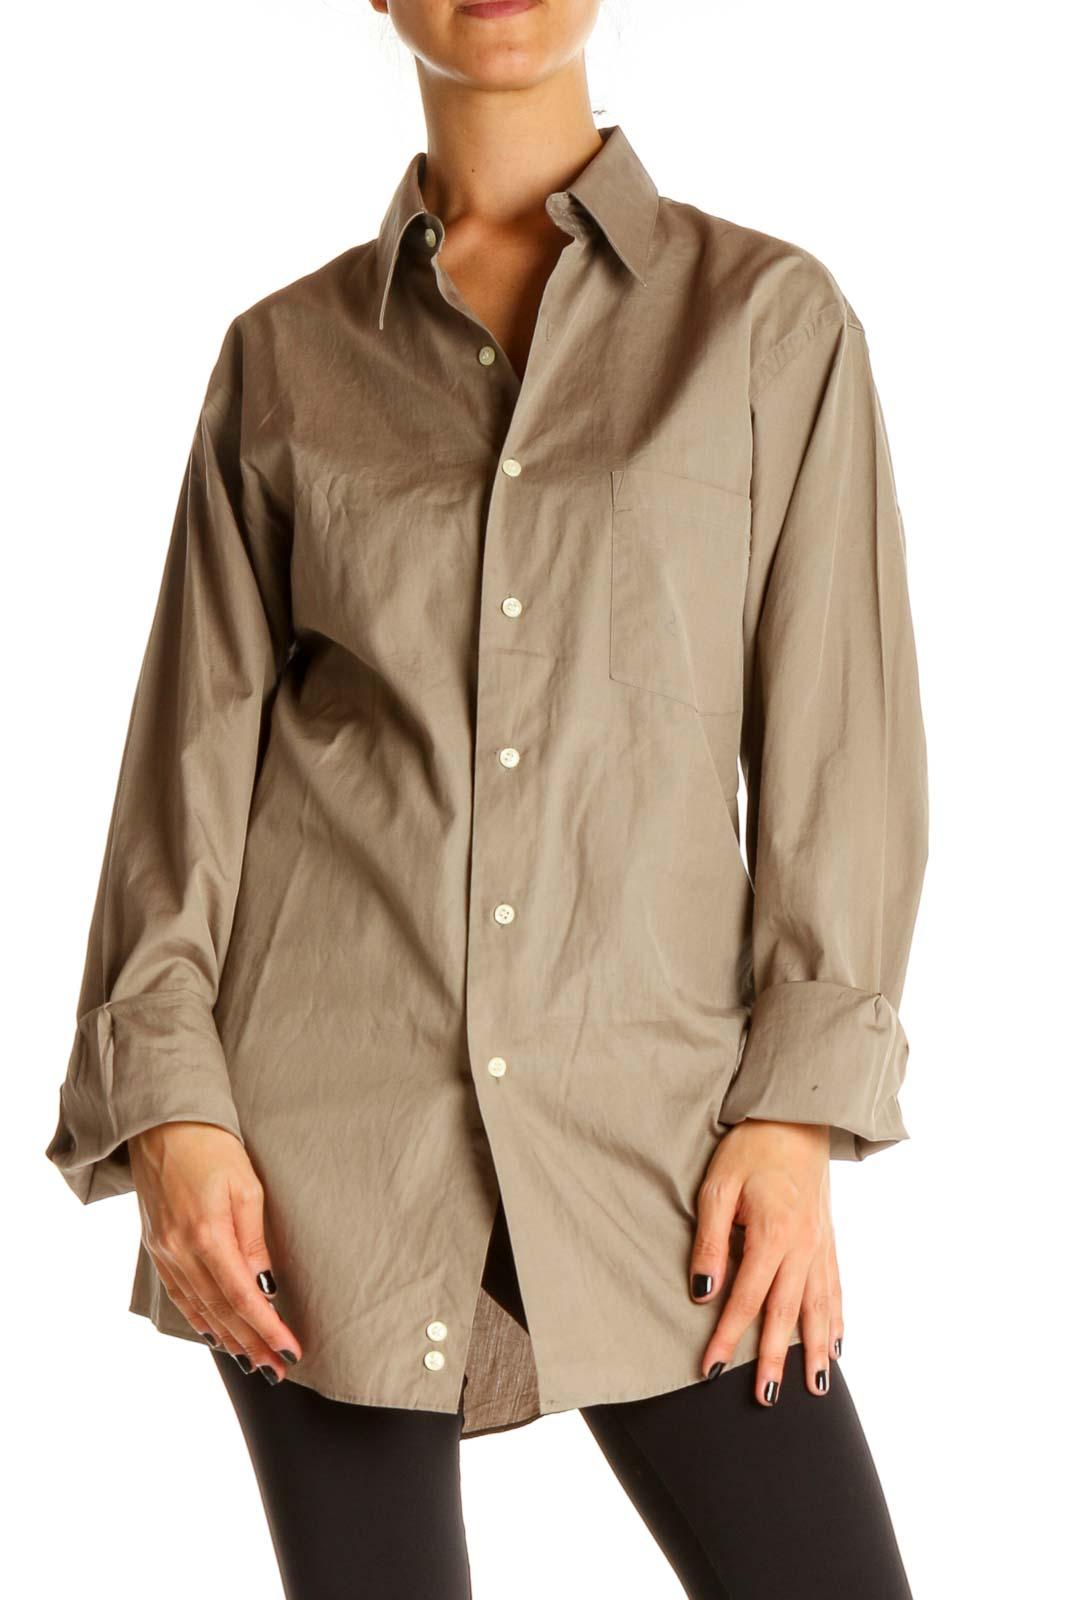 Beige Solid Formal Shirt Front